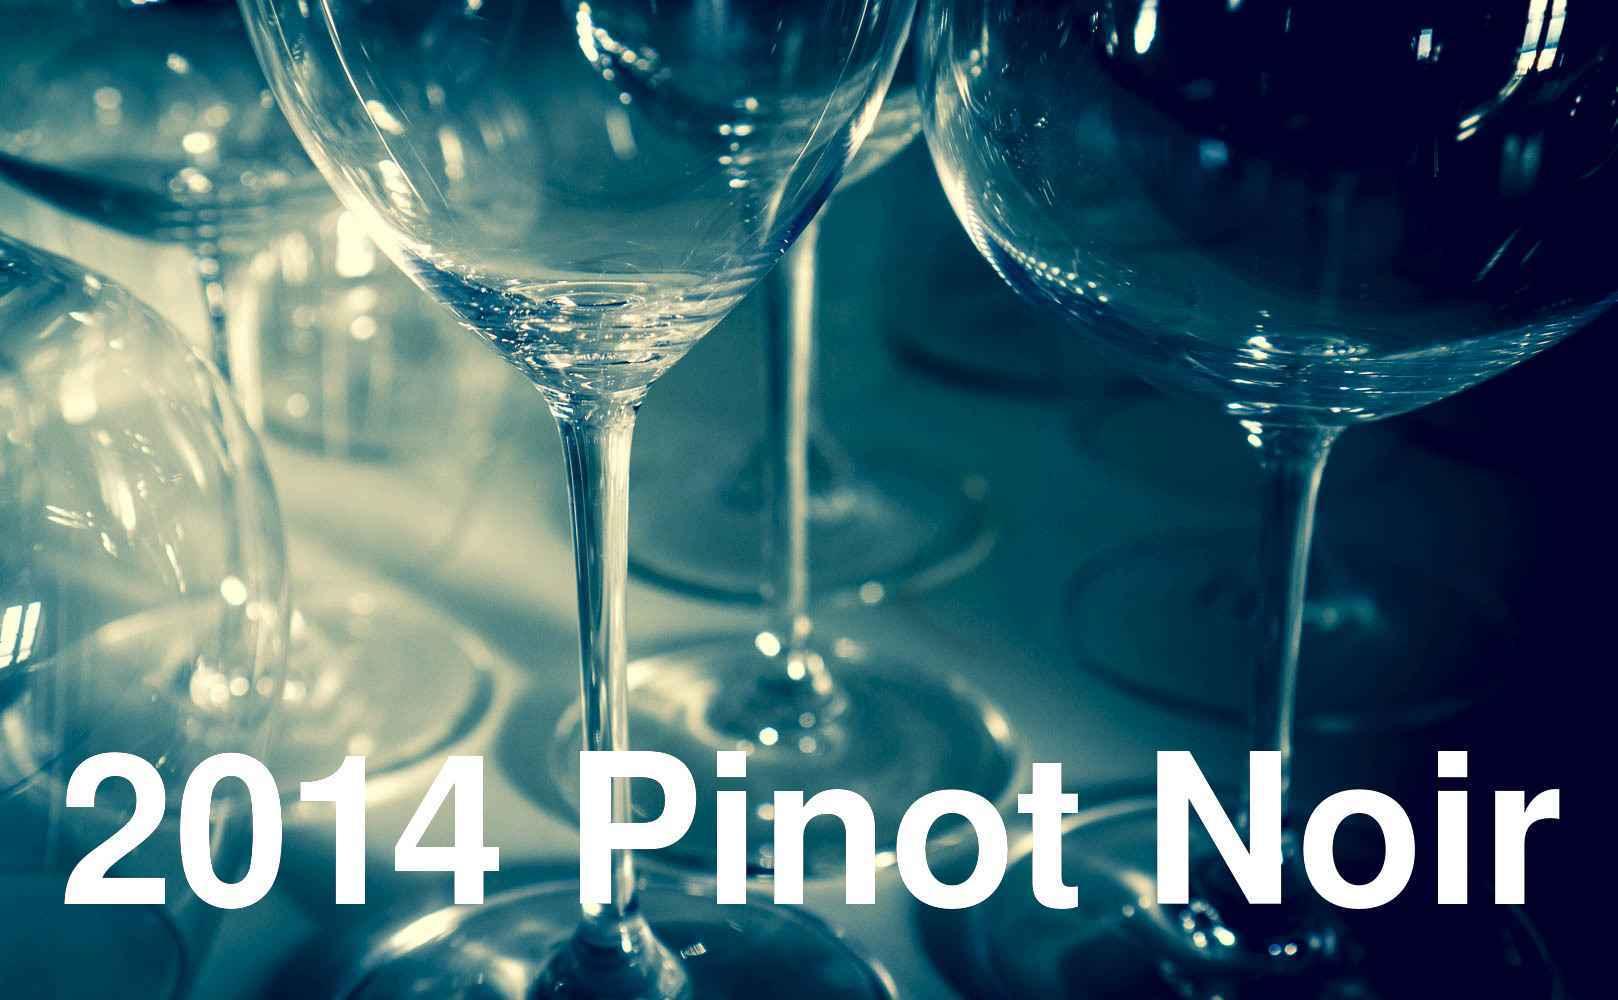 2014 Pinot Noir von Ata Rangi aus Martinborough, Neuseeland